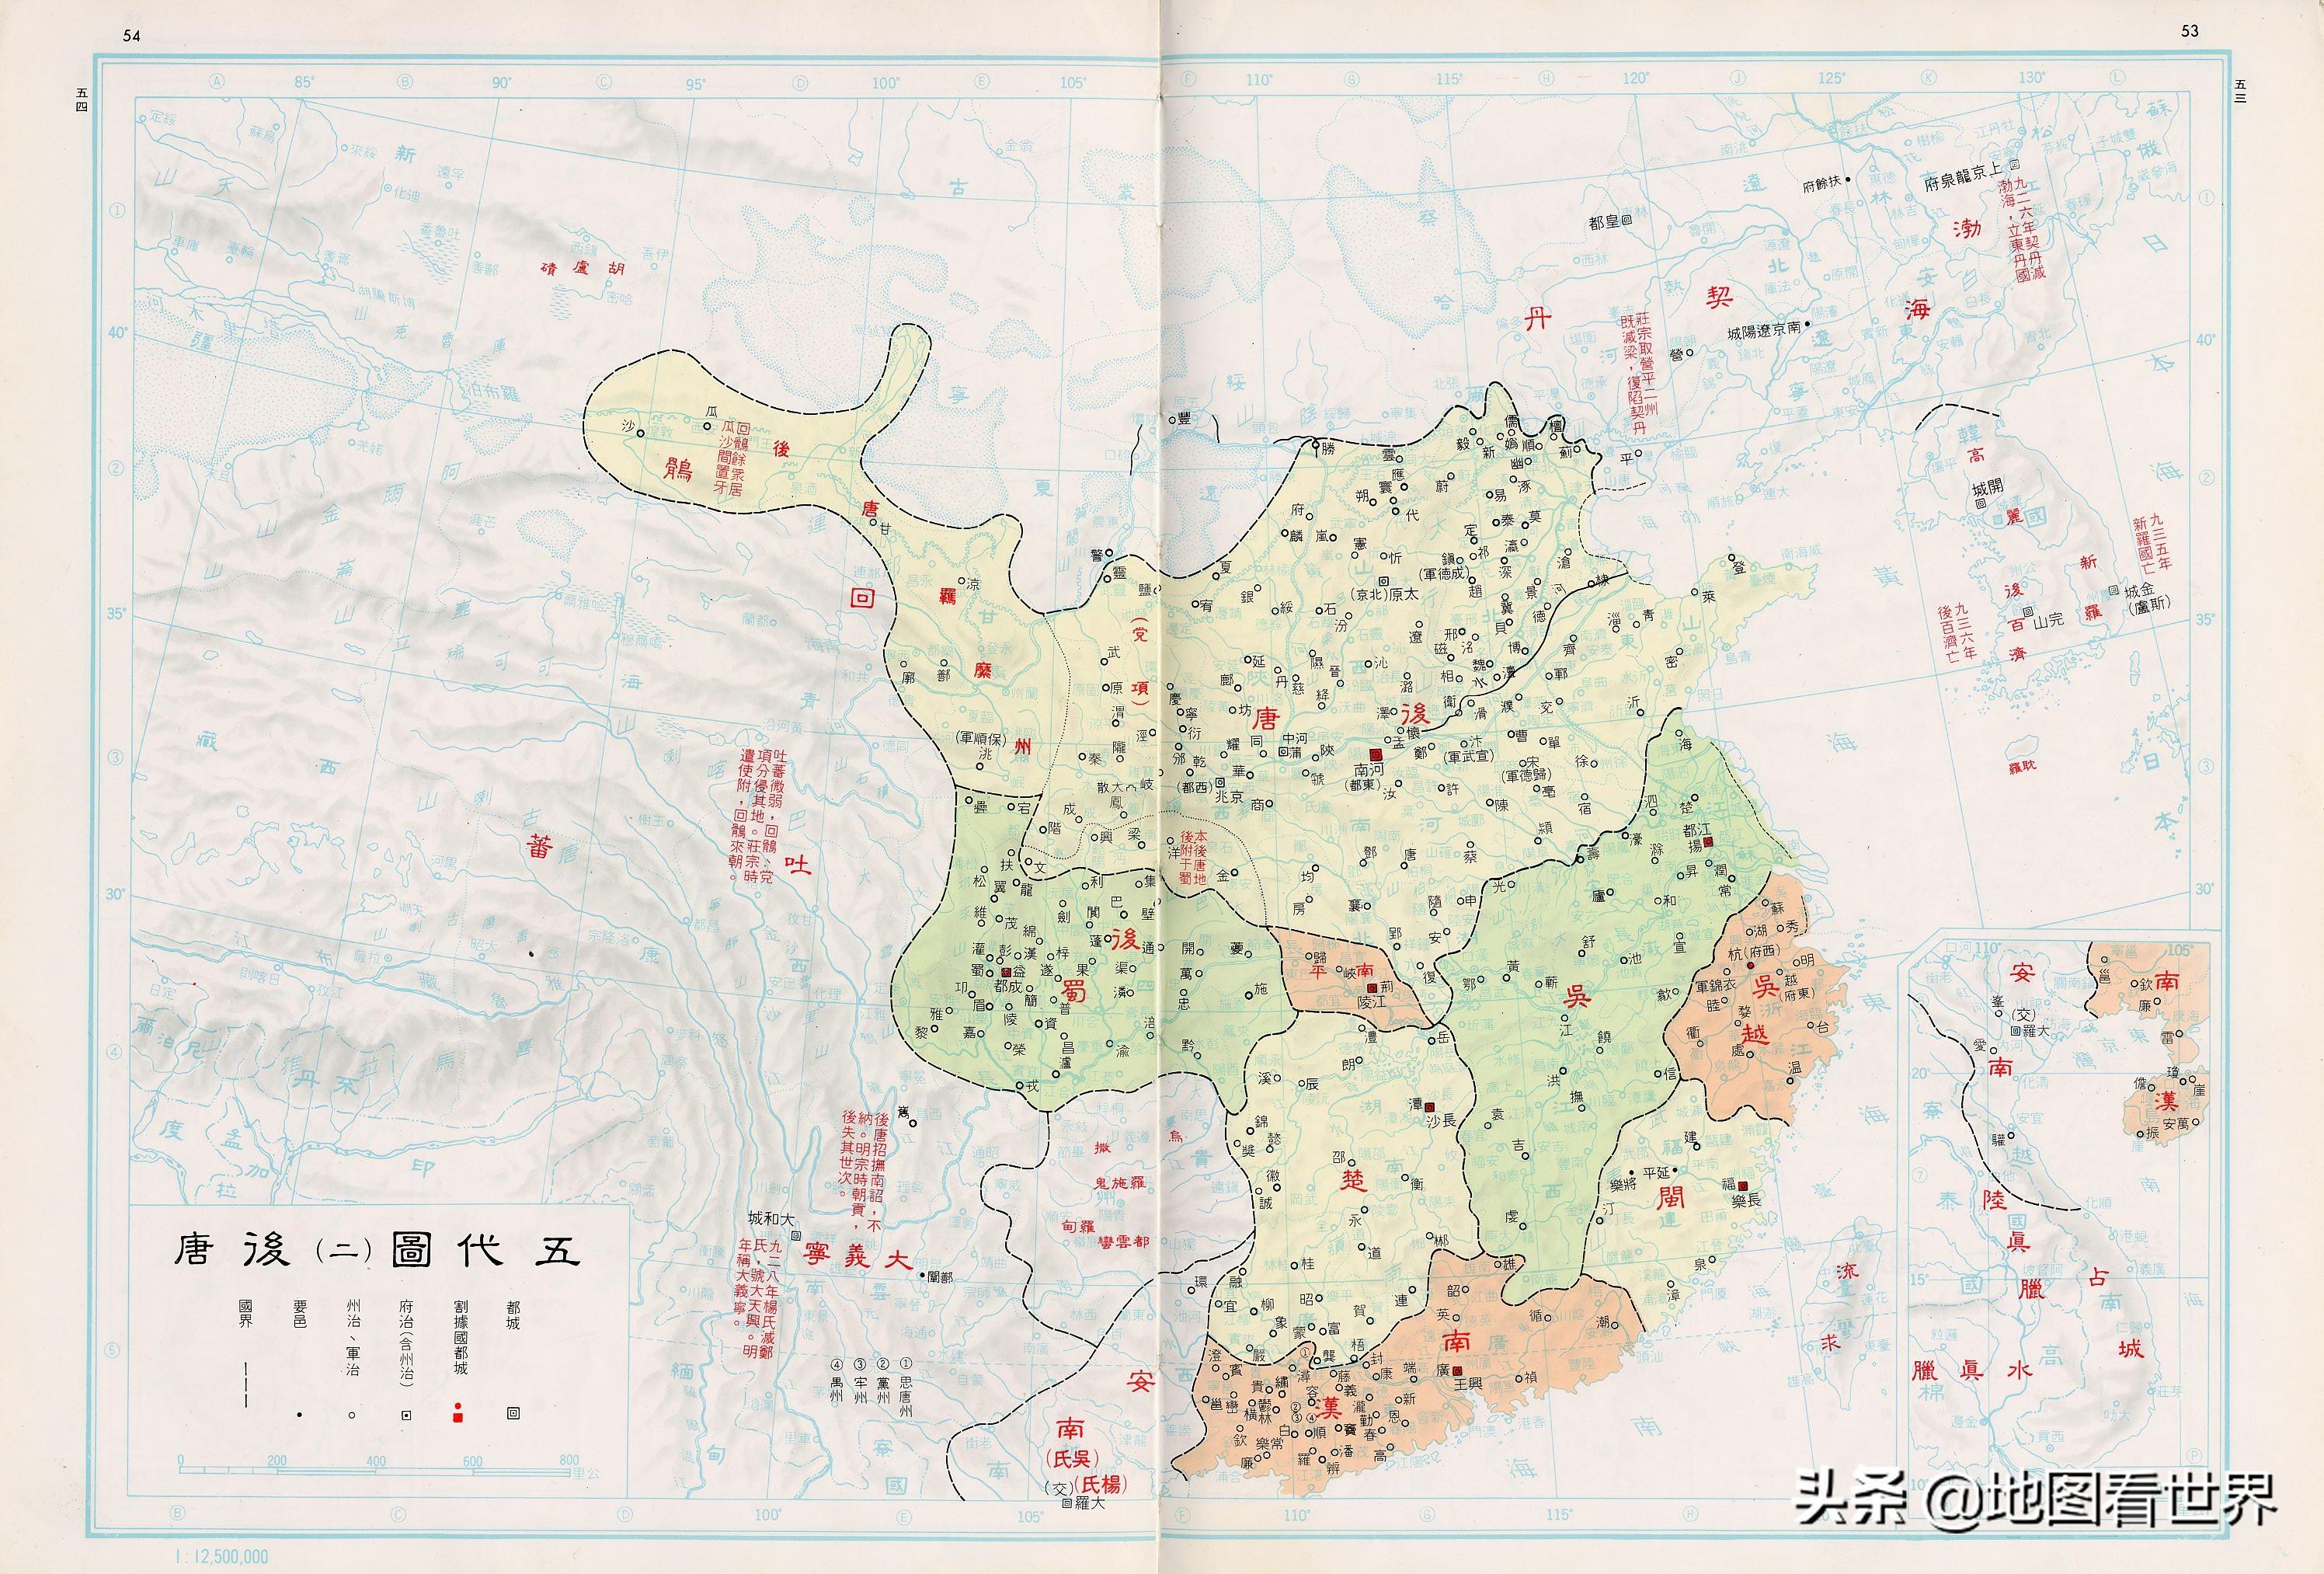 古时候候中新历史時间每一个时期国土图及历朝各代皇帝溢号的由来—把握古时候候中新历史時间发展趋势多元化性